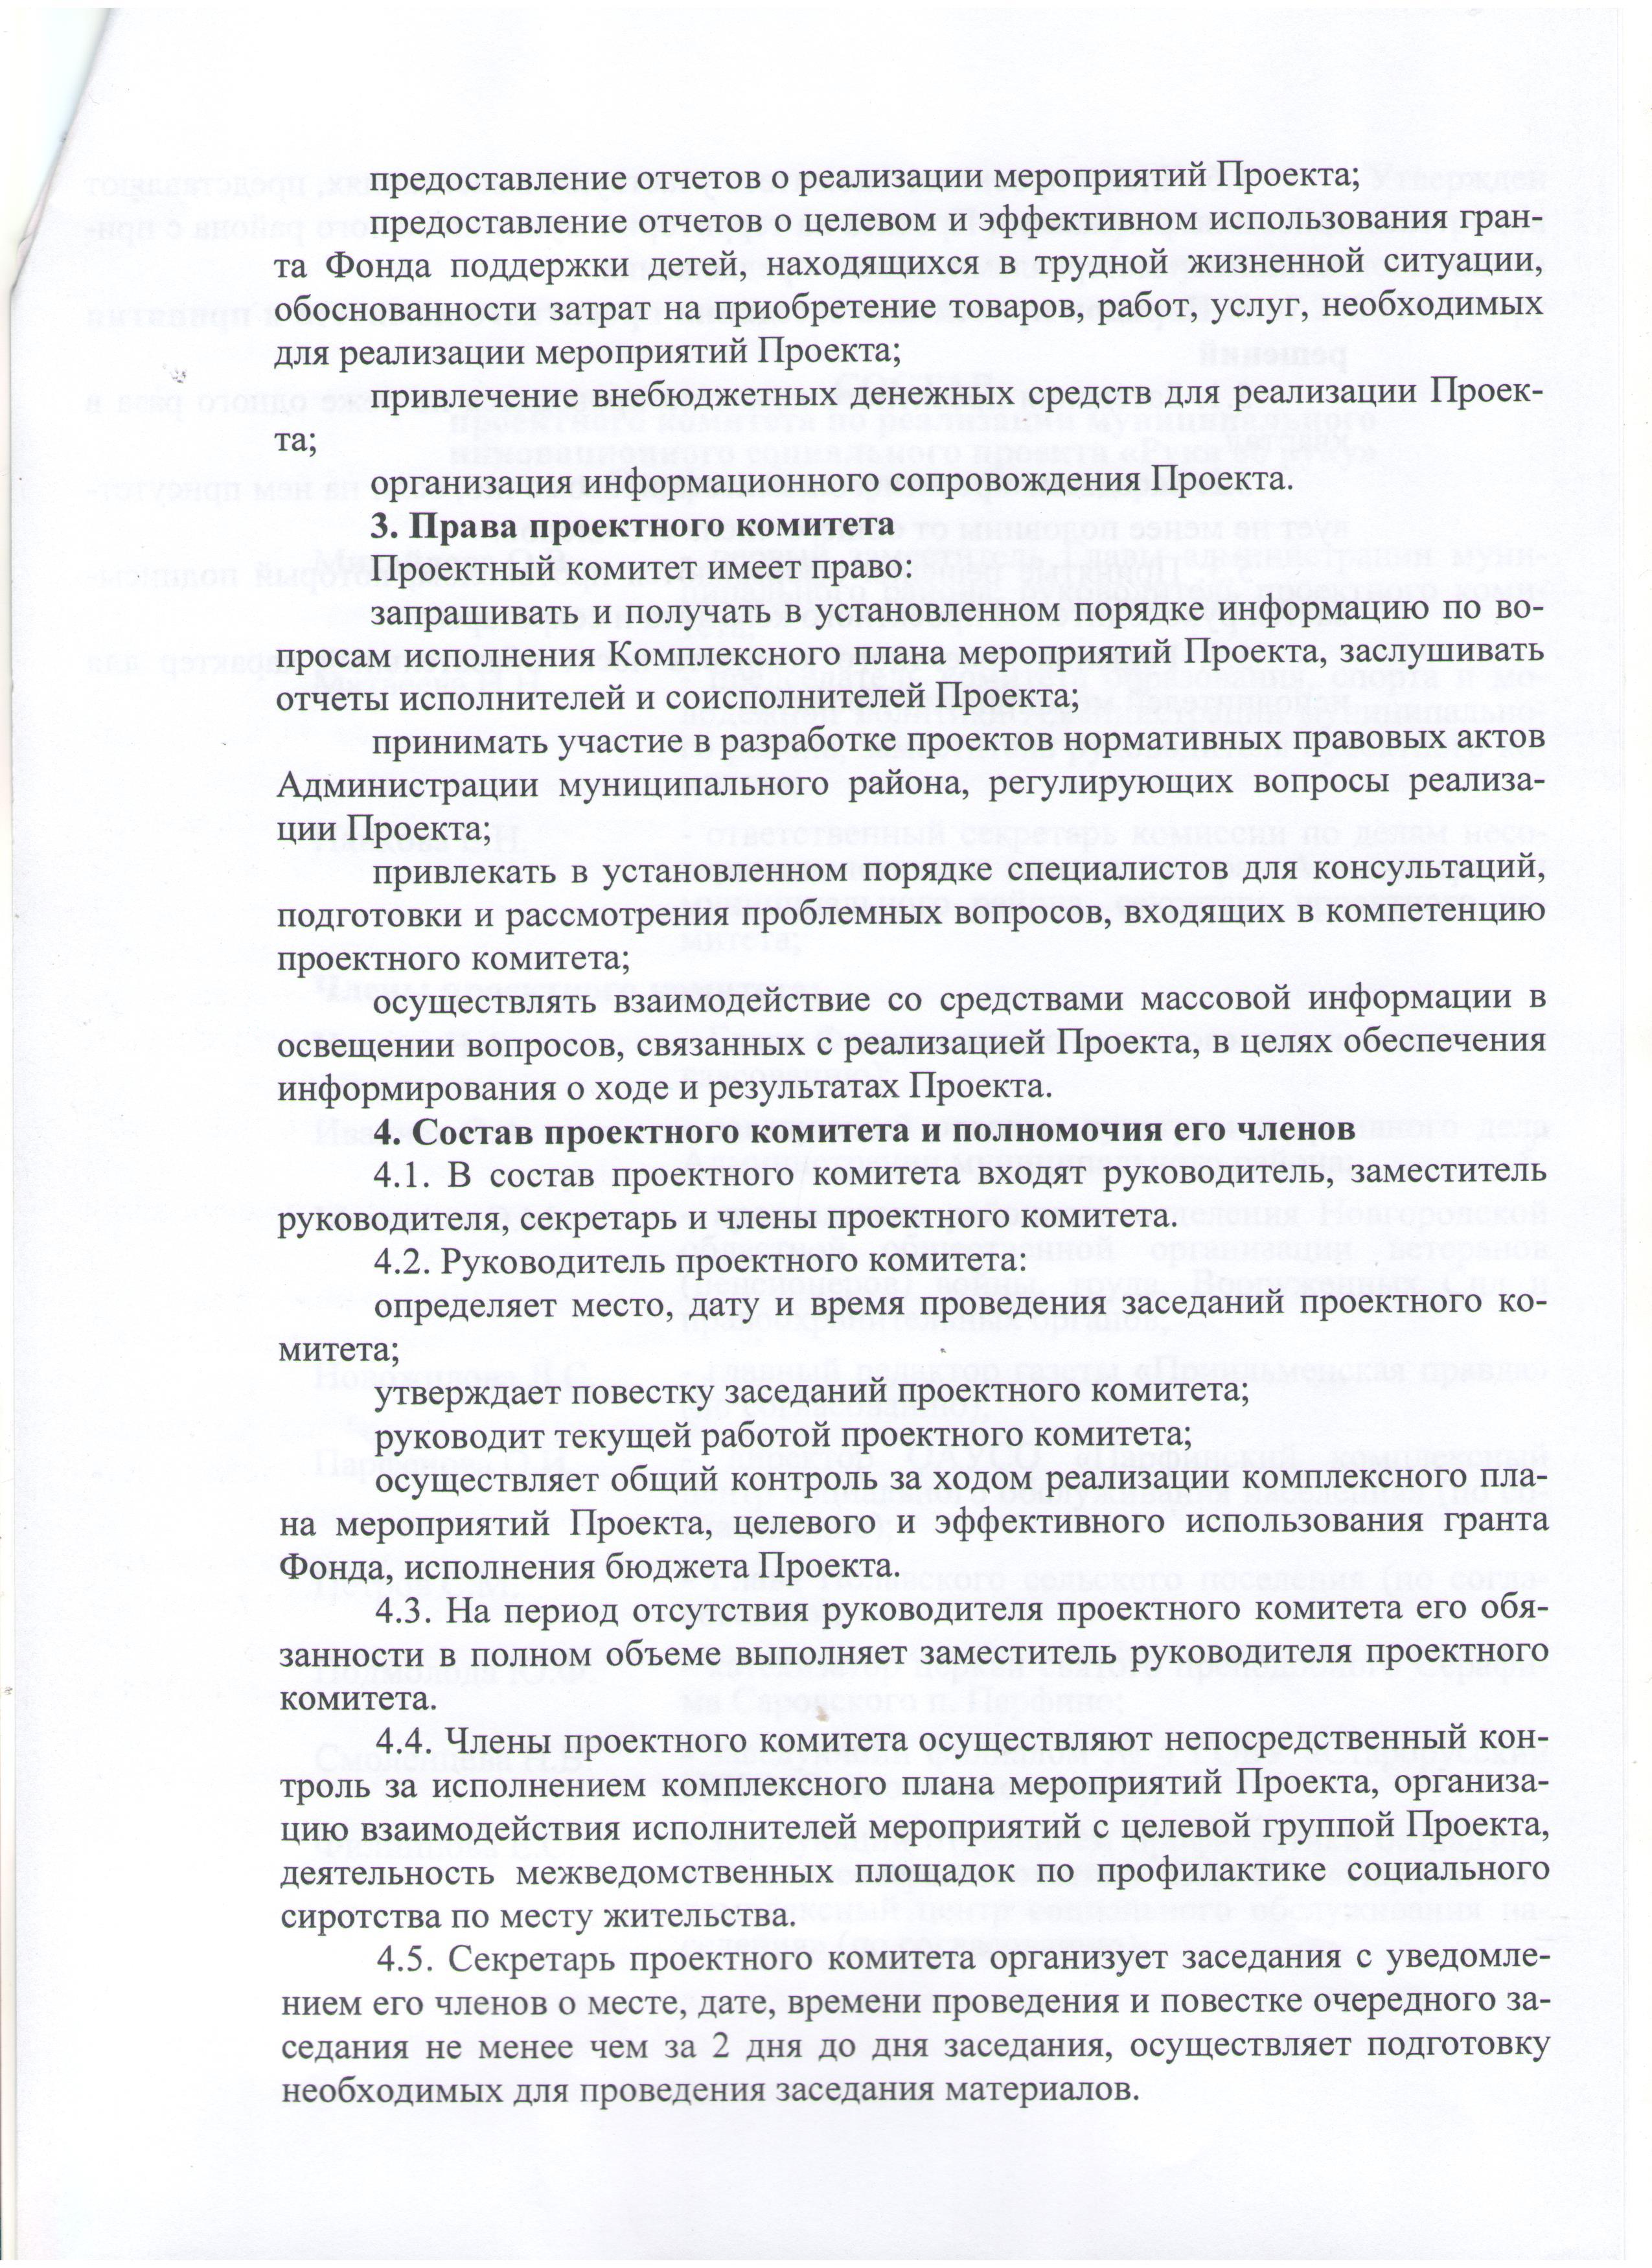 Image (3) (3)